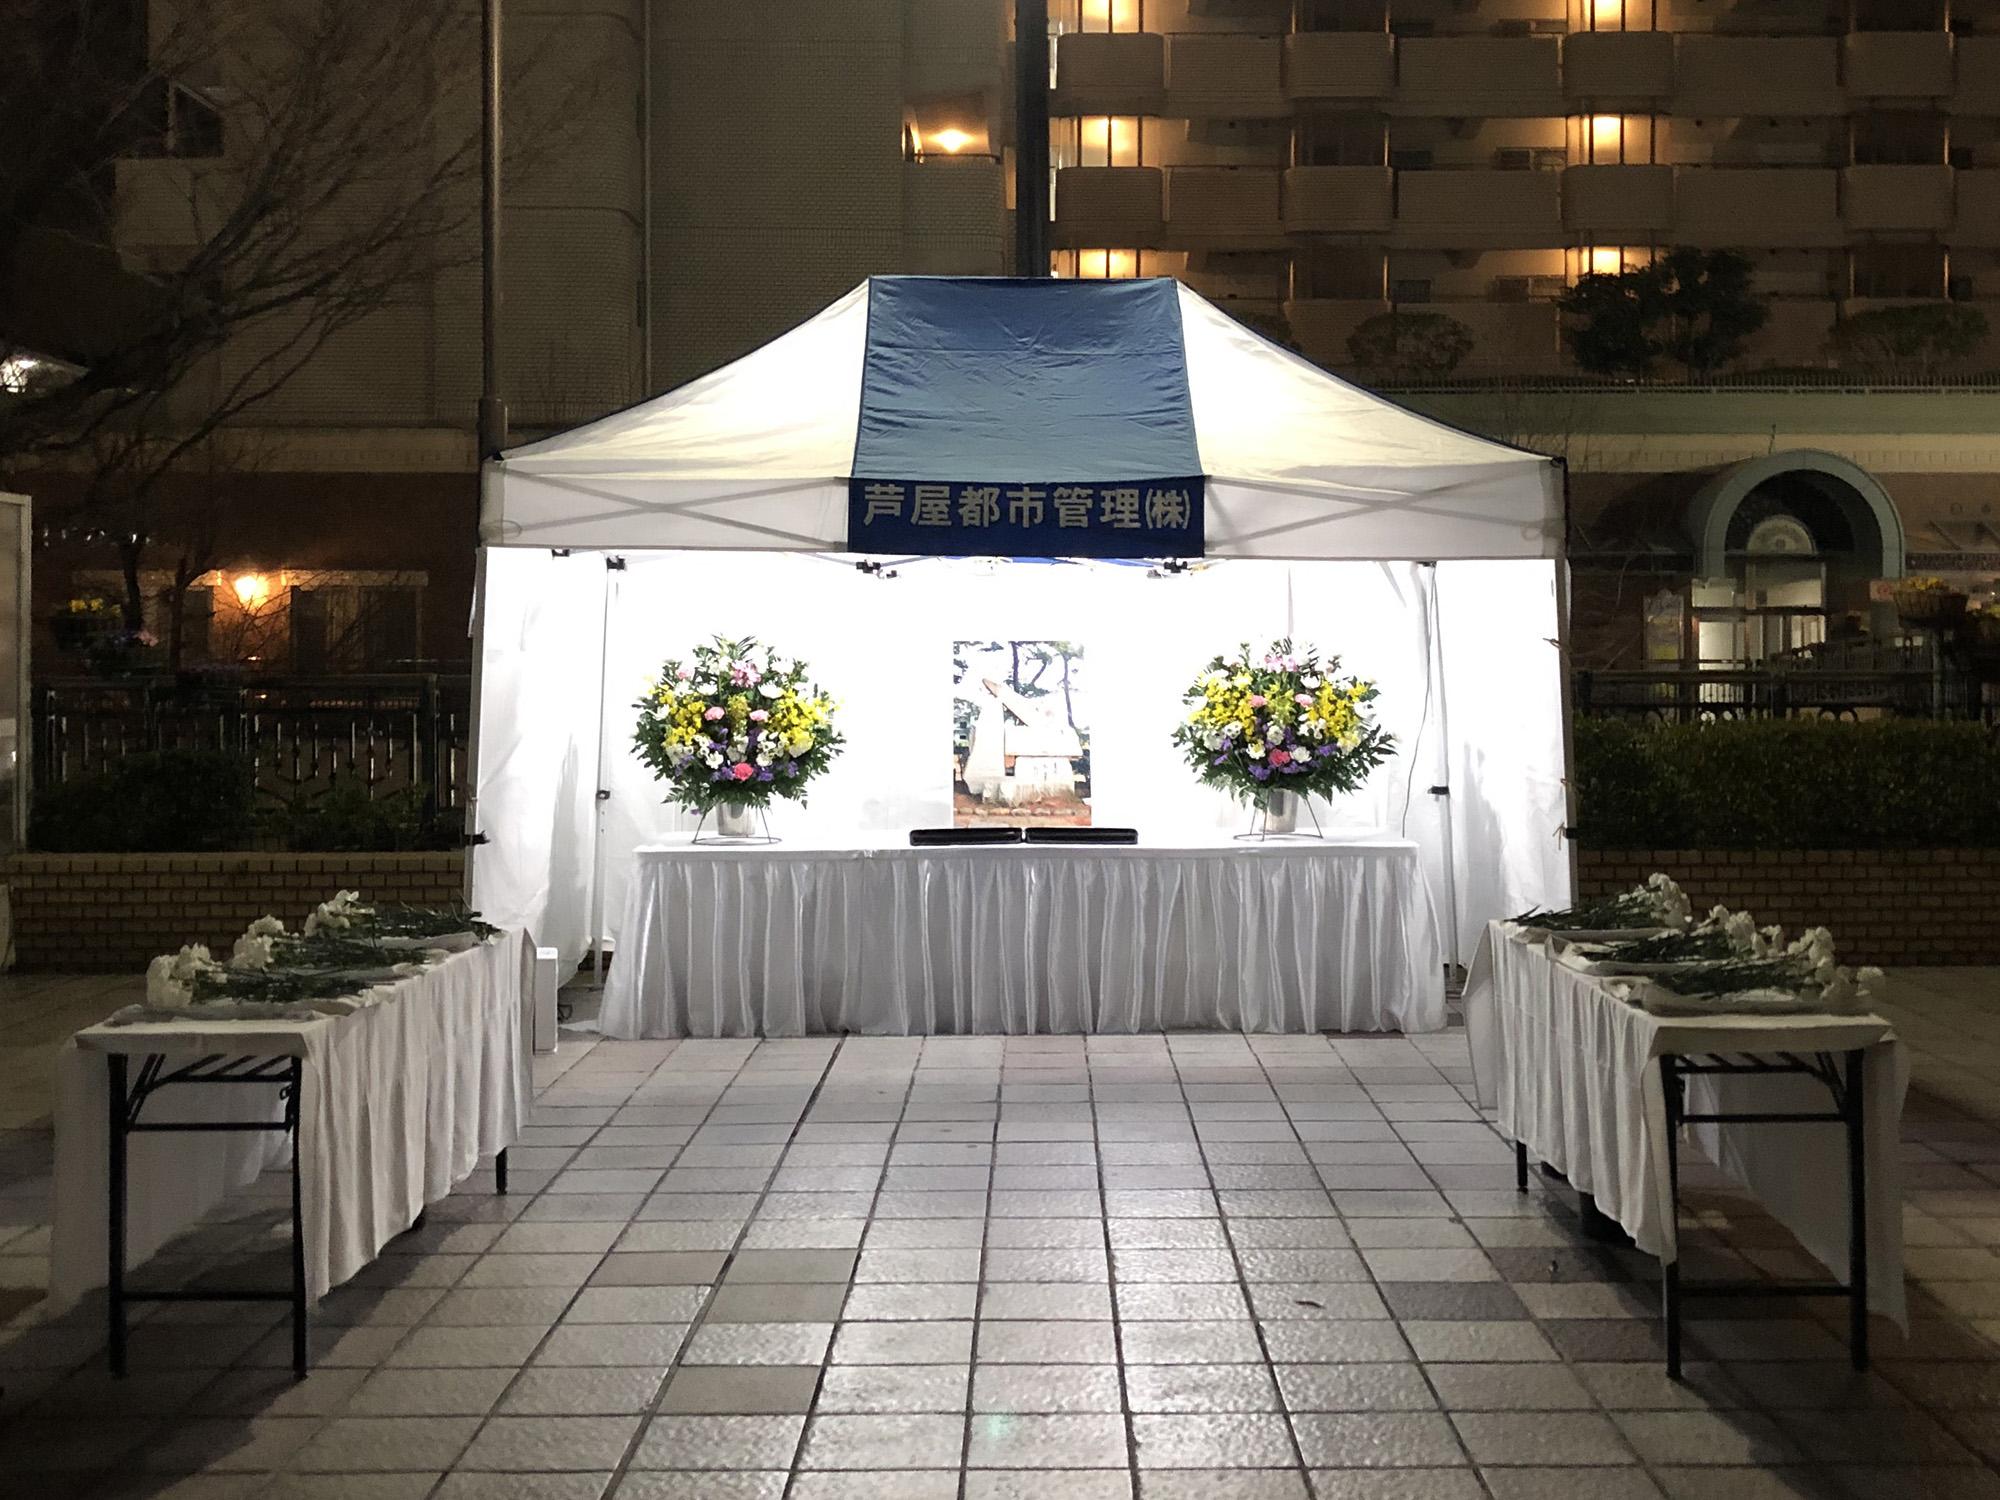 2020年1月17日 1.17 芦屋市民の追悼式 ~阪神・淡路大震災25年~